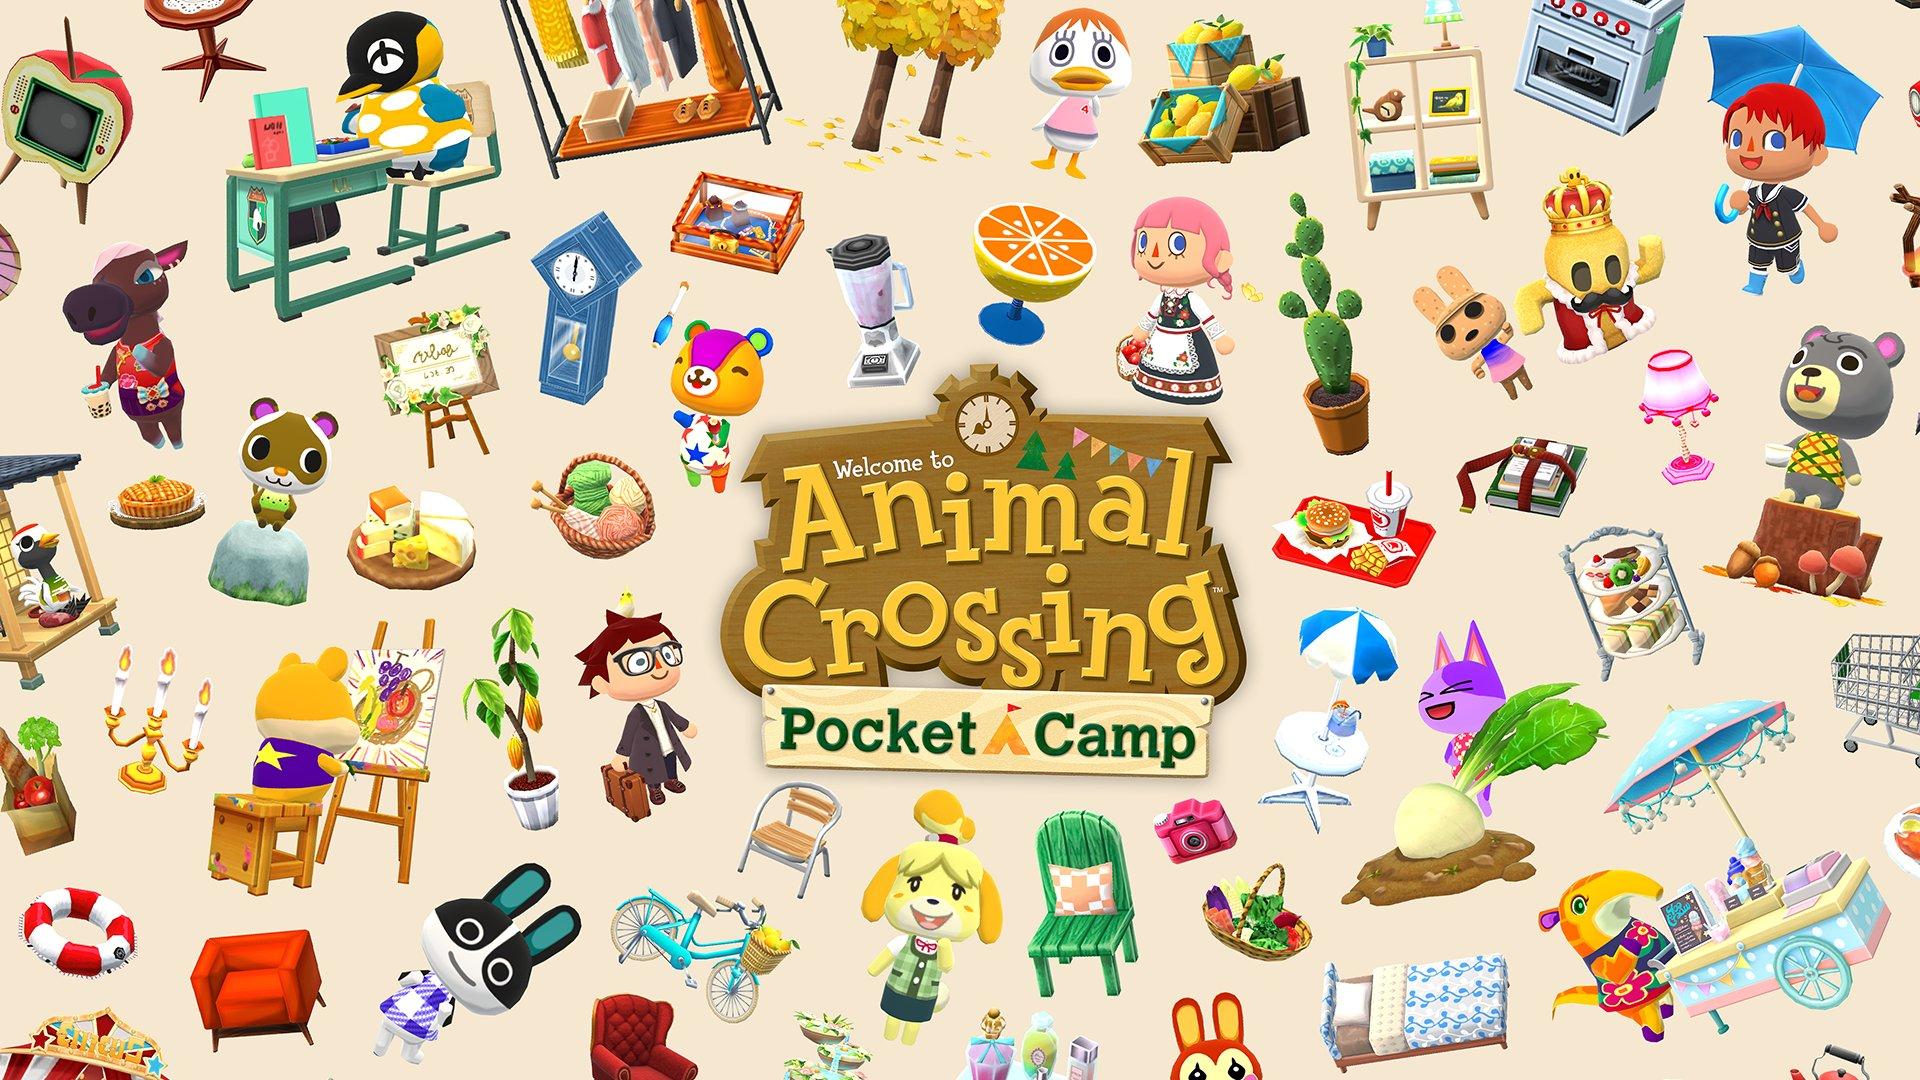 任天堂为《动物之森:口袋营地》增加AR模式,并提供一个月免费订阅套餐